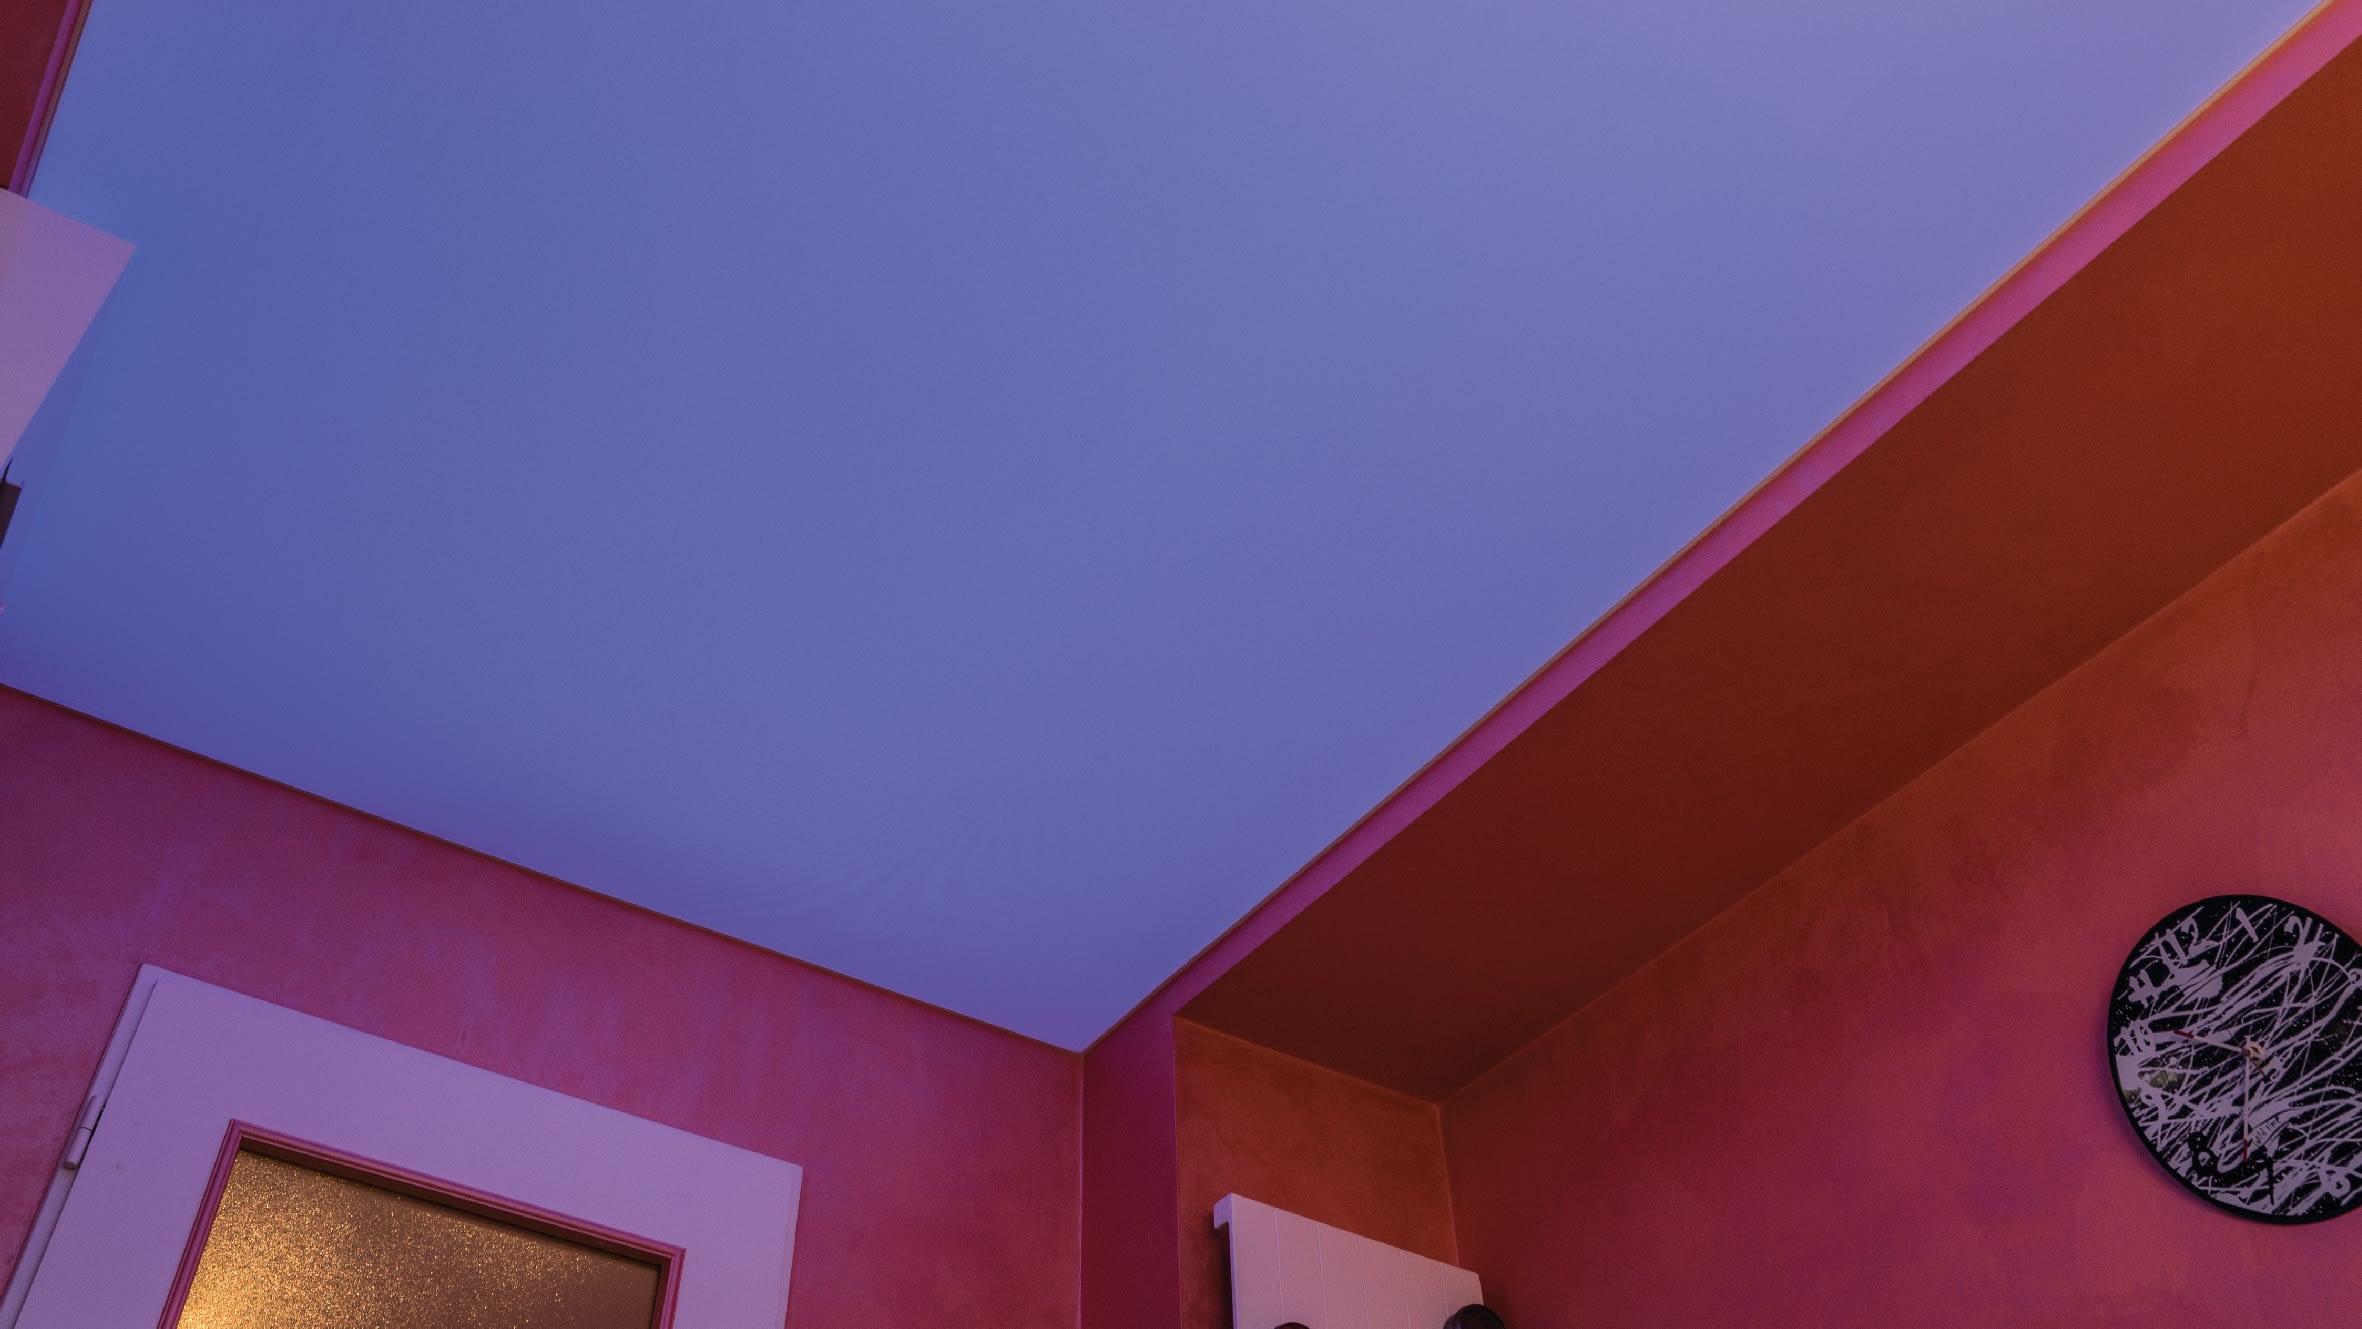 Lichtdecke in privater Küche - flächig hinerleuchtet mit RGB-Led-Strips.